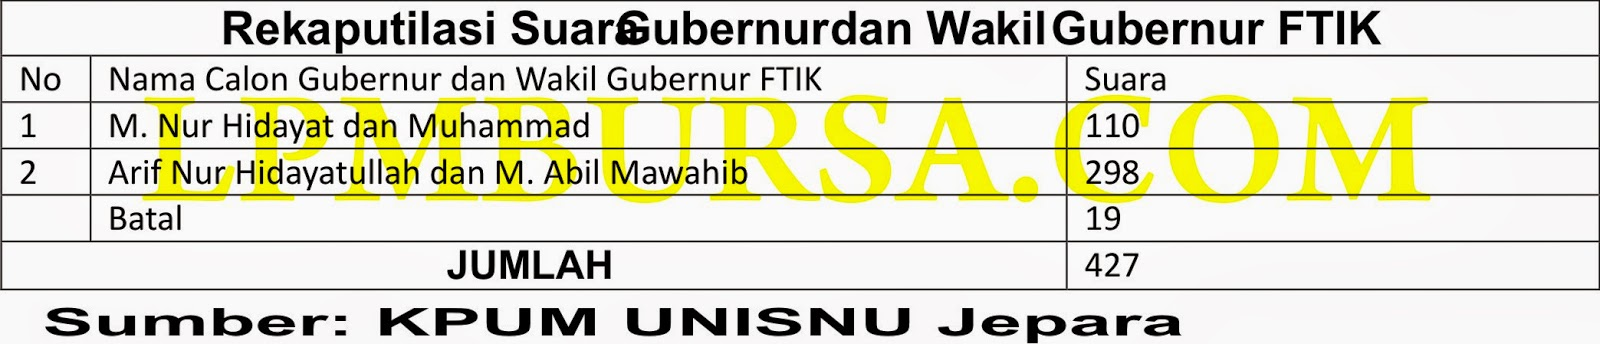 KPUM, Hasil Rekapitulasi Suara Fakultas Syari'ah dan Hukum, UNISNU, PEMILWA,